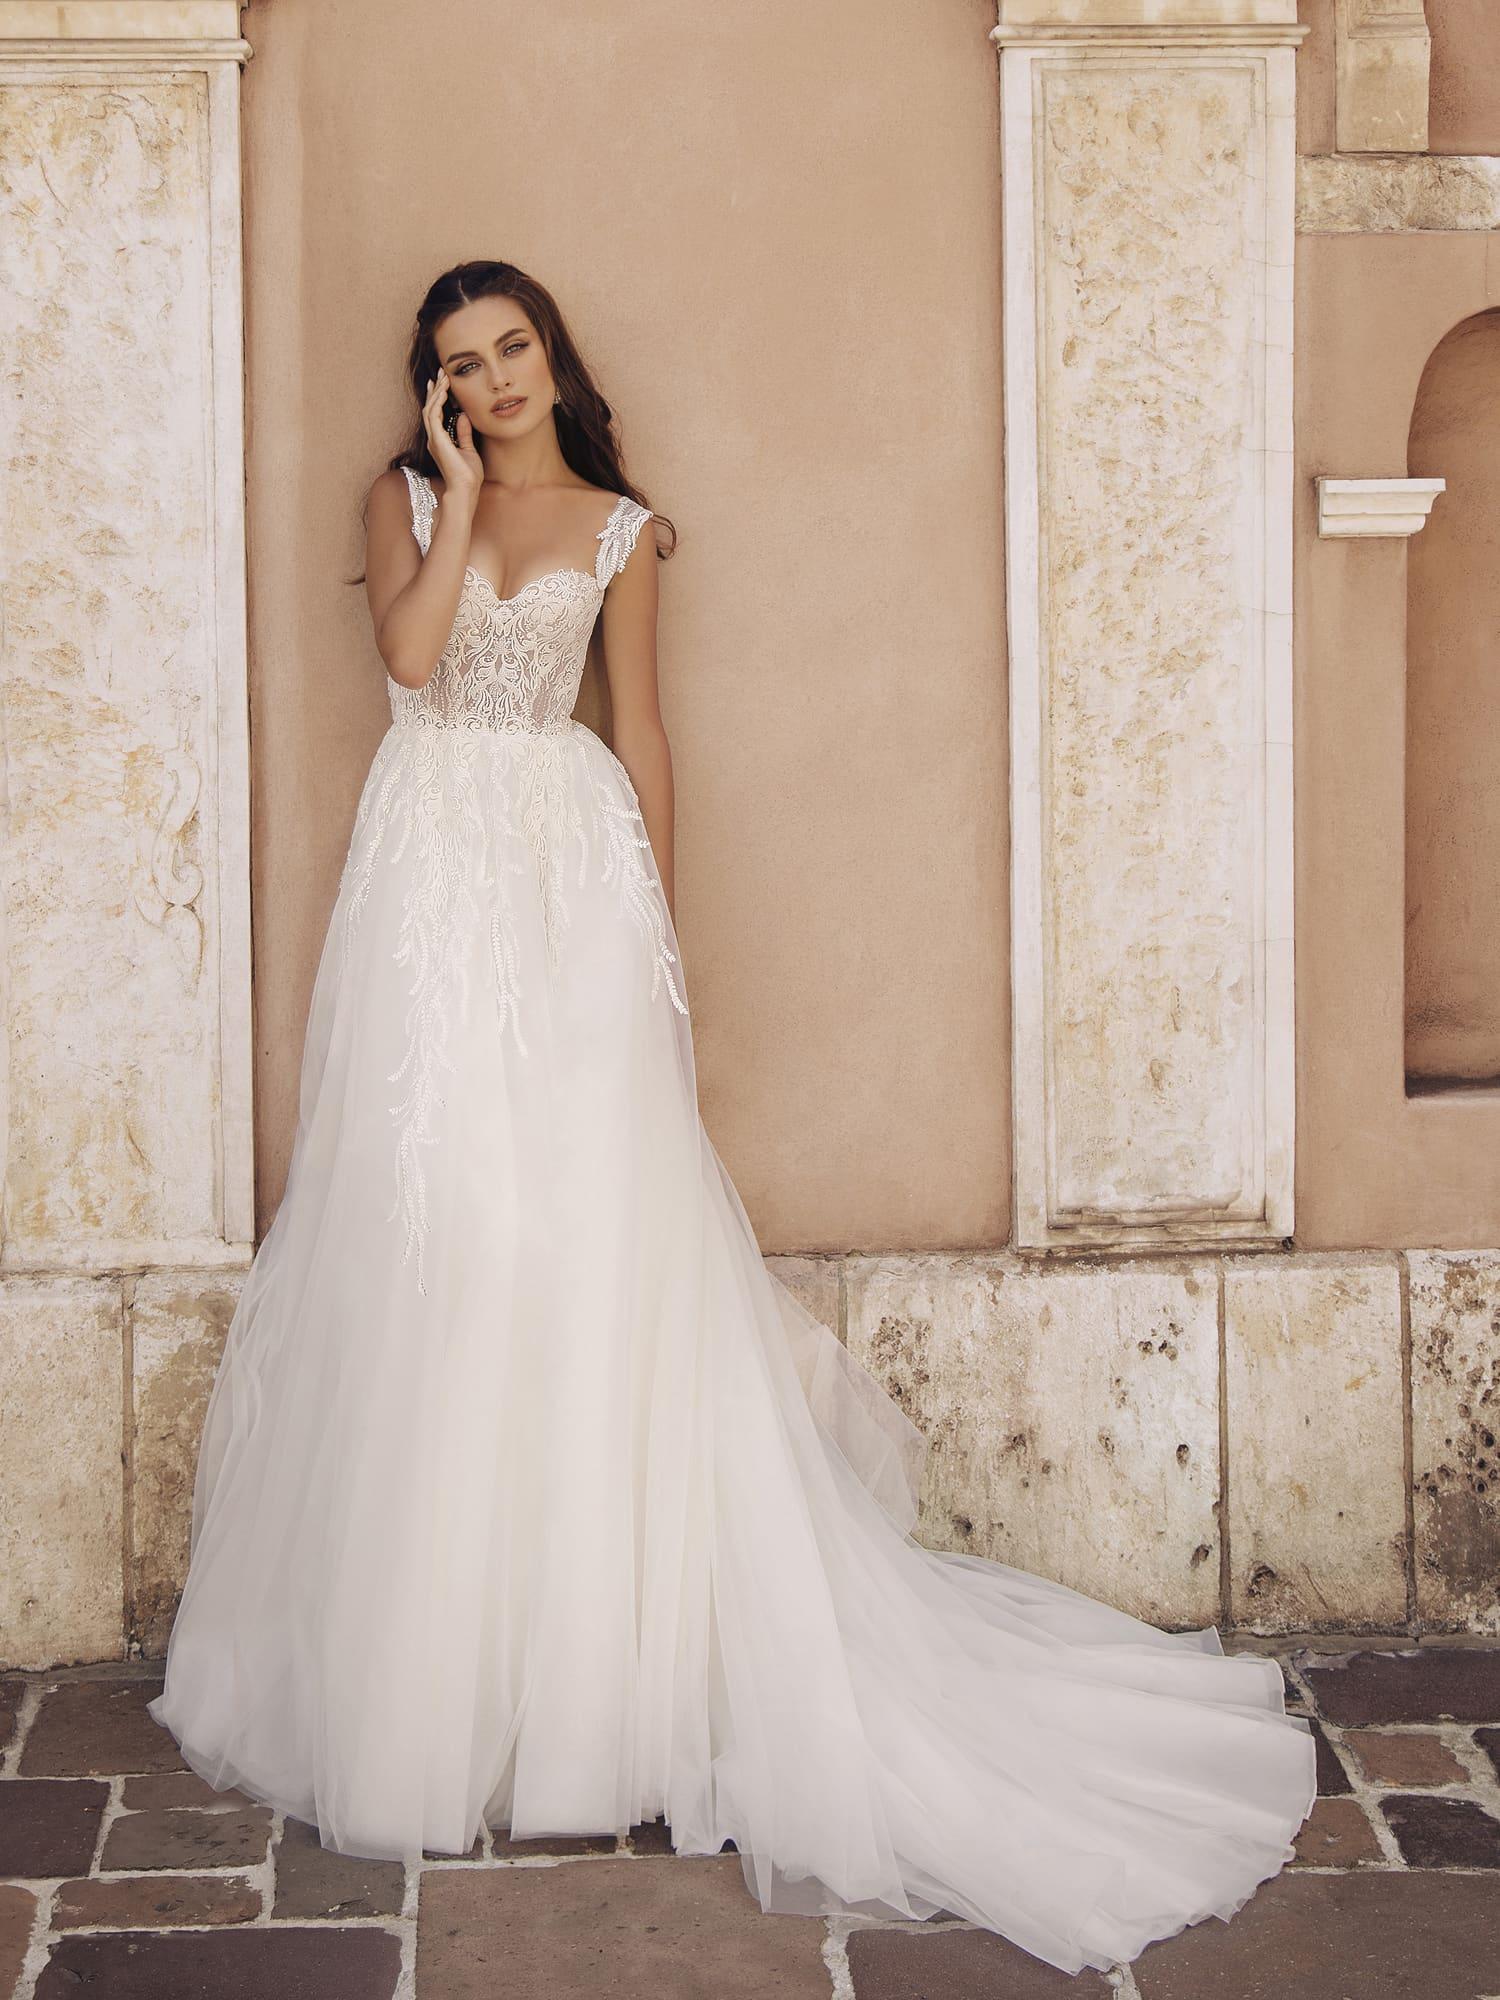 2e1f9004ee5 Свадебное платье Ariamo Montana ▷ Свадебный Торговый Центр Вега в ...